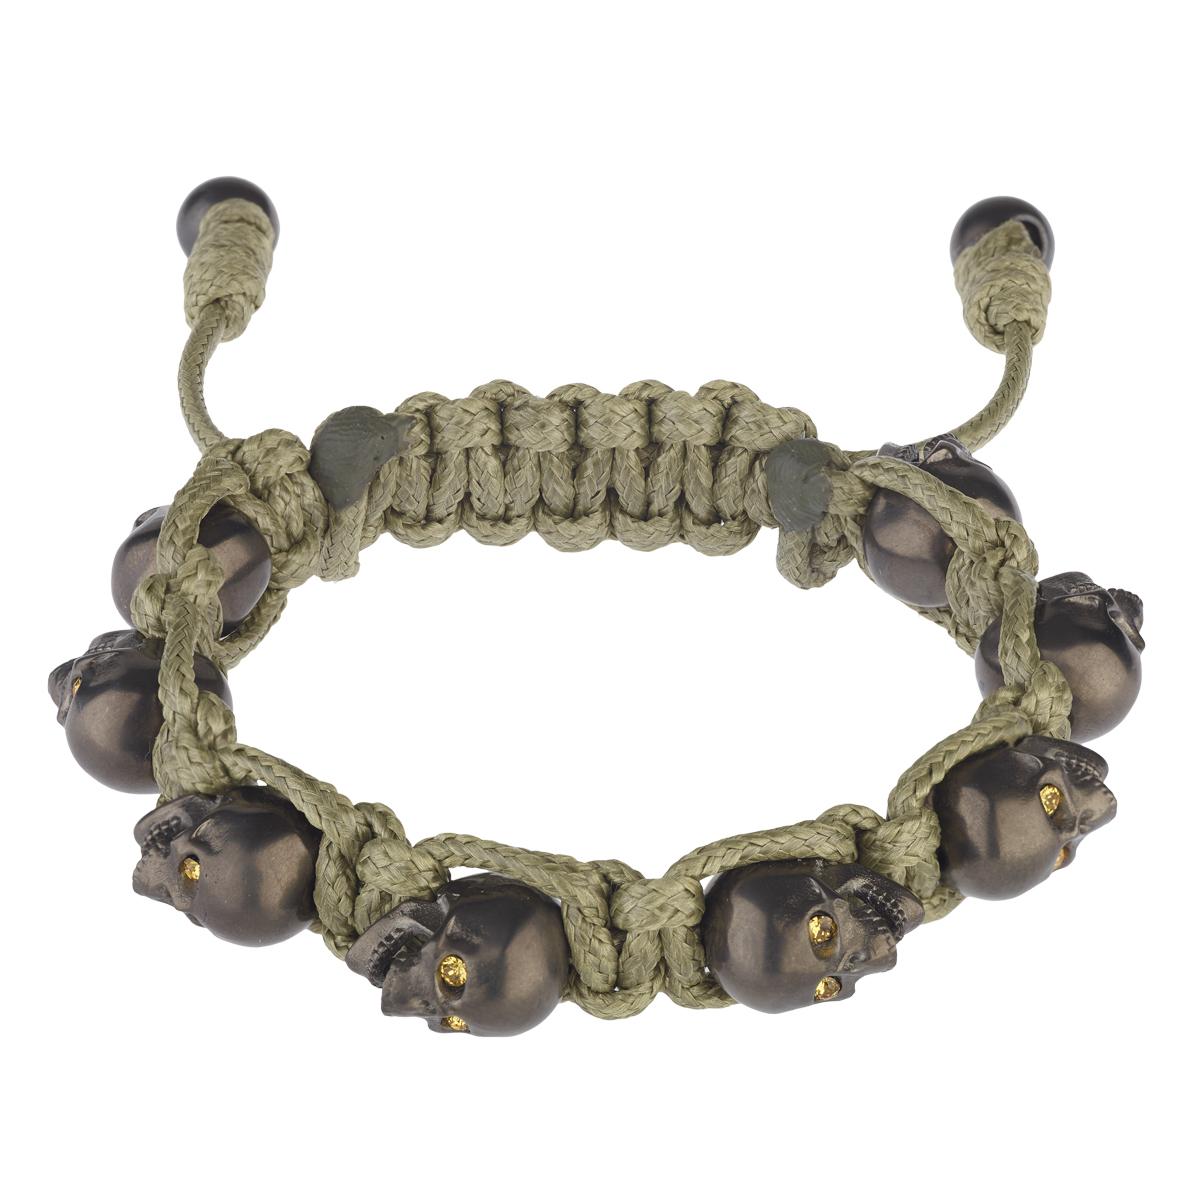 BOMBERG ボンバーグ skully bracelet jw-mgt-pkg.m1.3